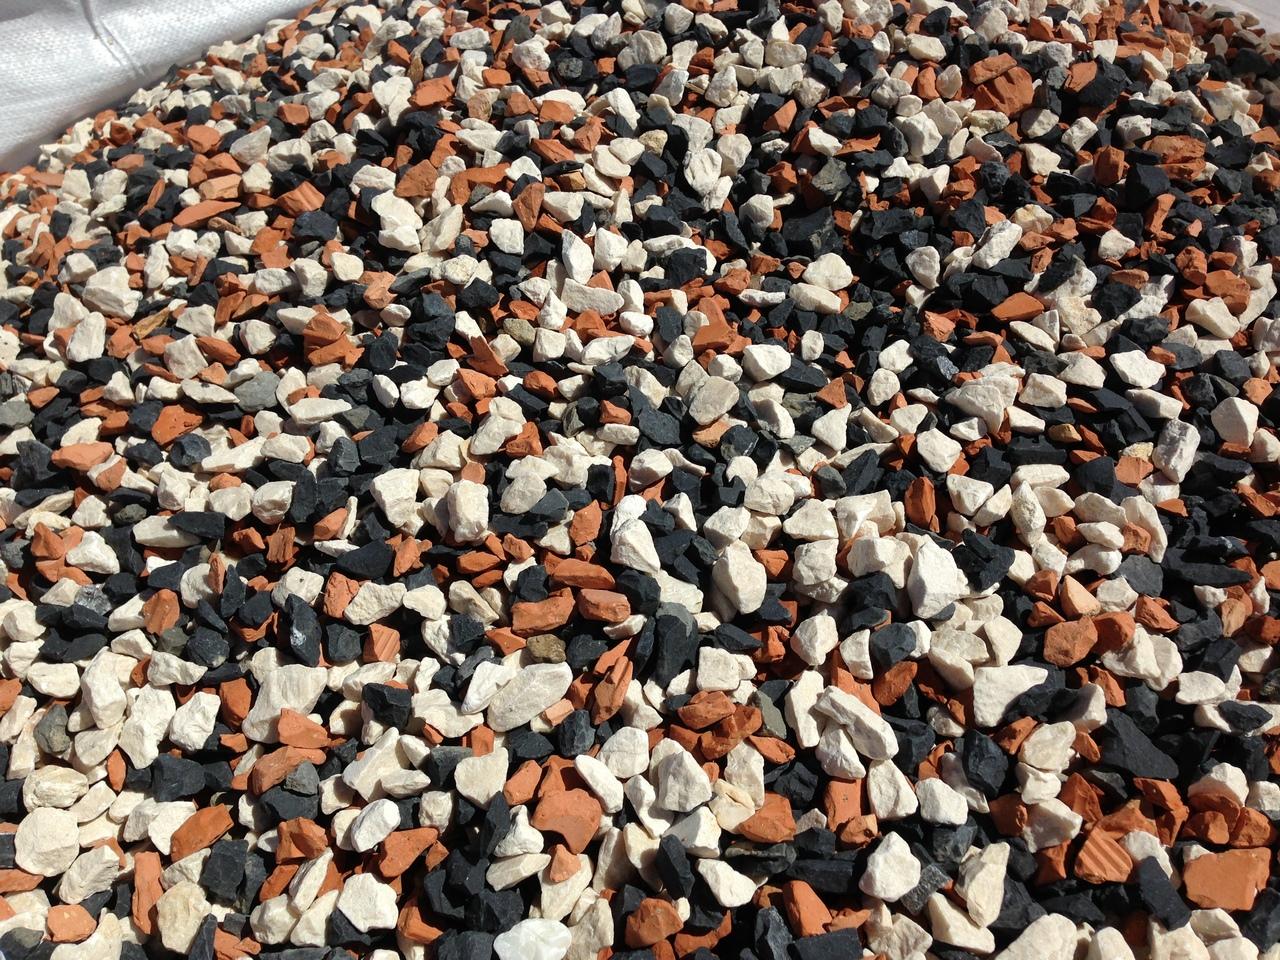 chamota-brique-pilee-espagne-1280×960 (2)